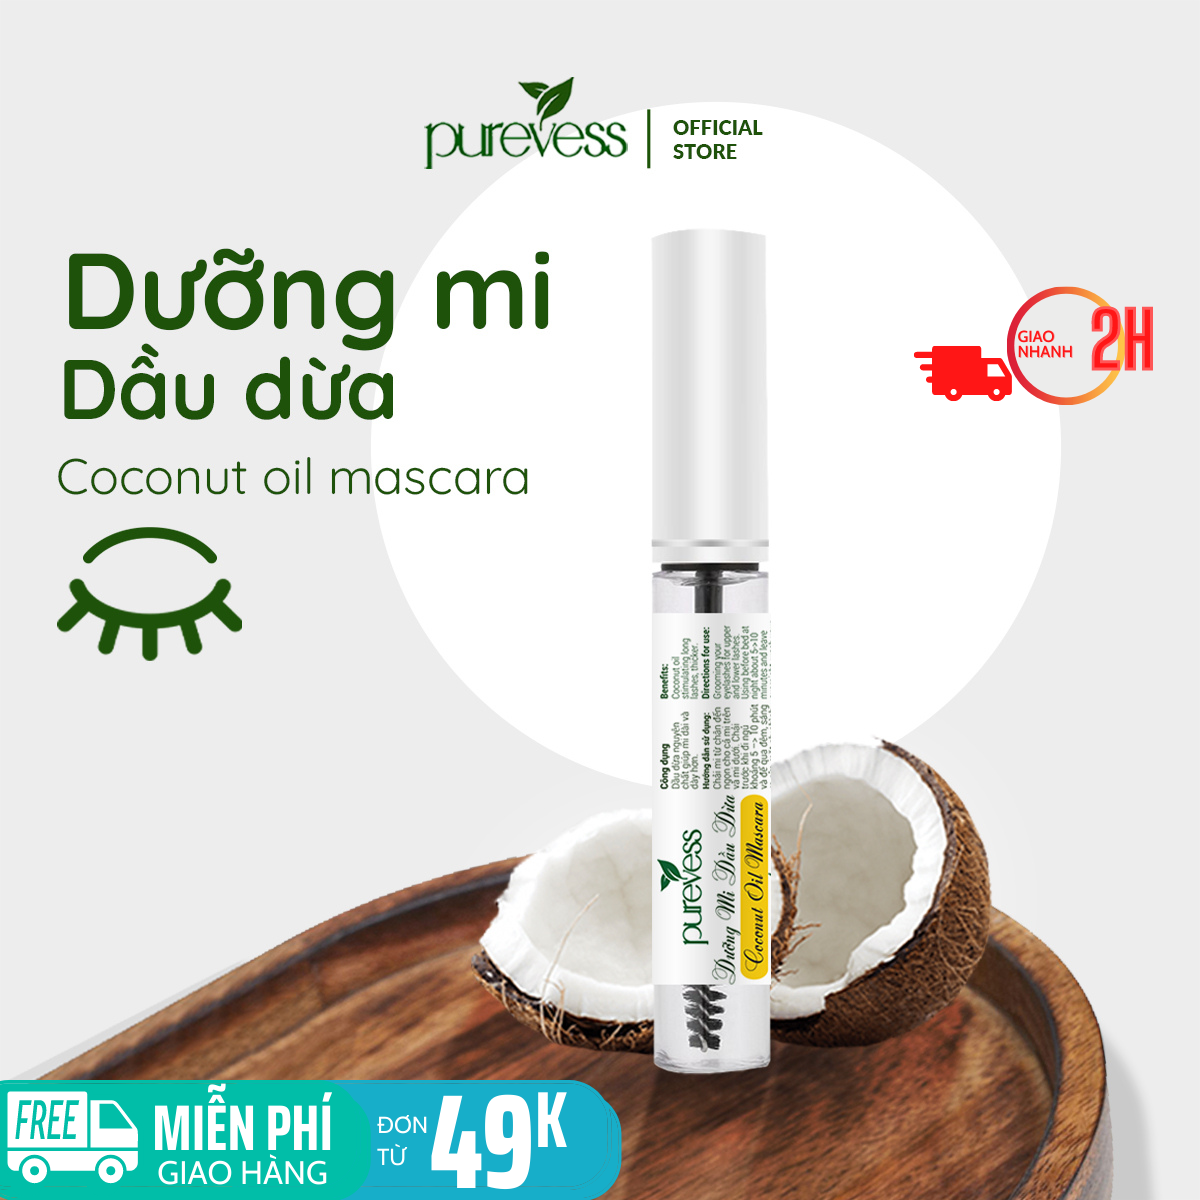 Dưỡng mi dài Purevess - dưỡng mi dầu dừa - dưỡng mi và lông mày - mascara dưỡng mi